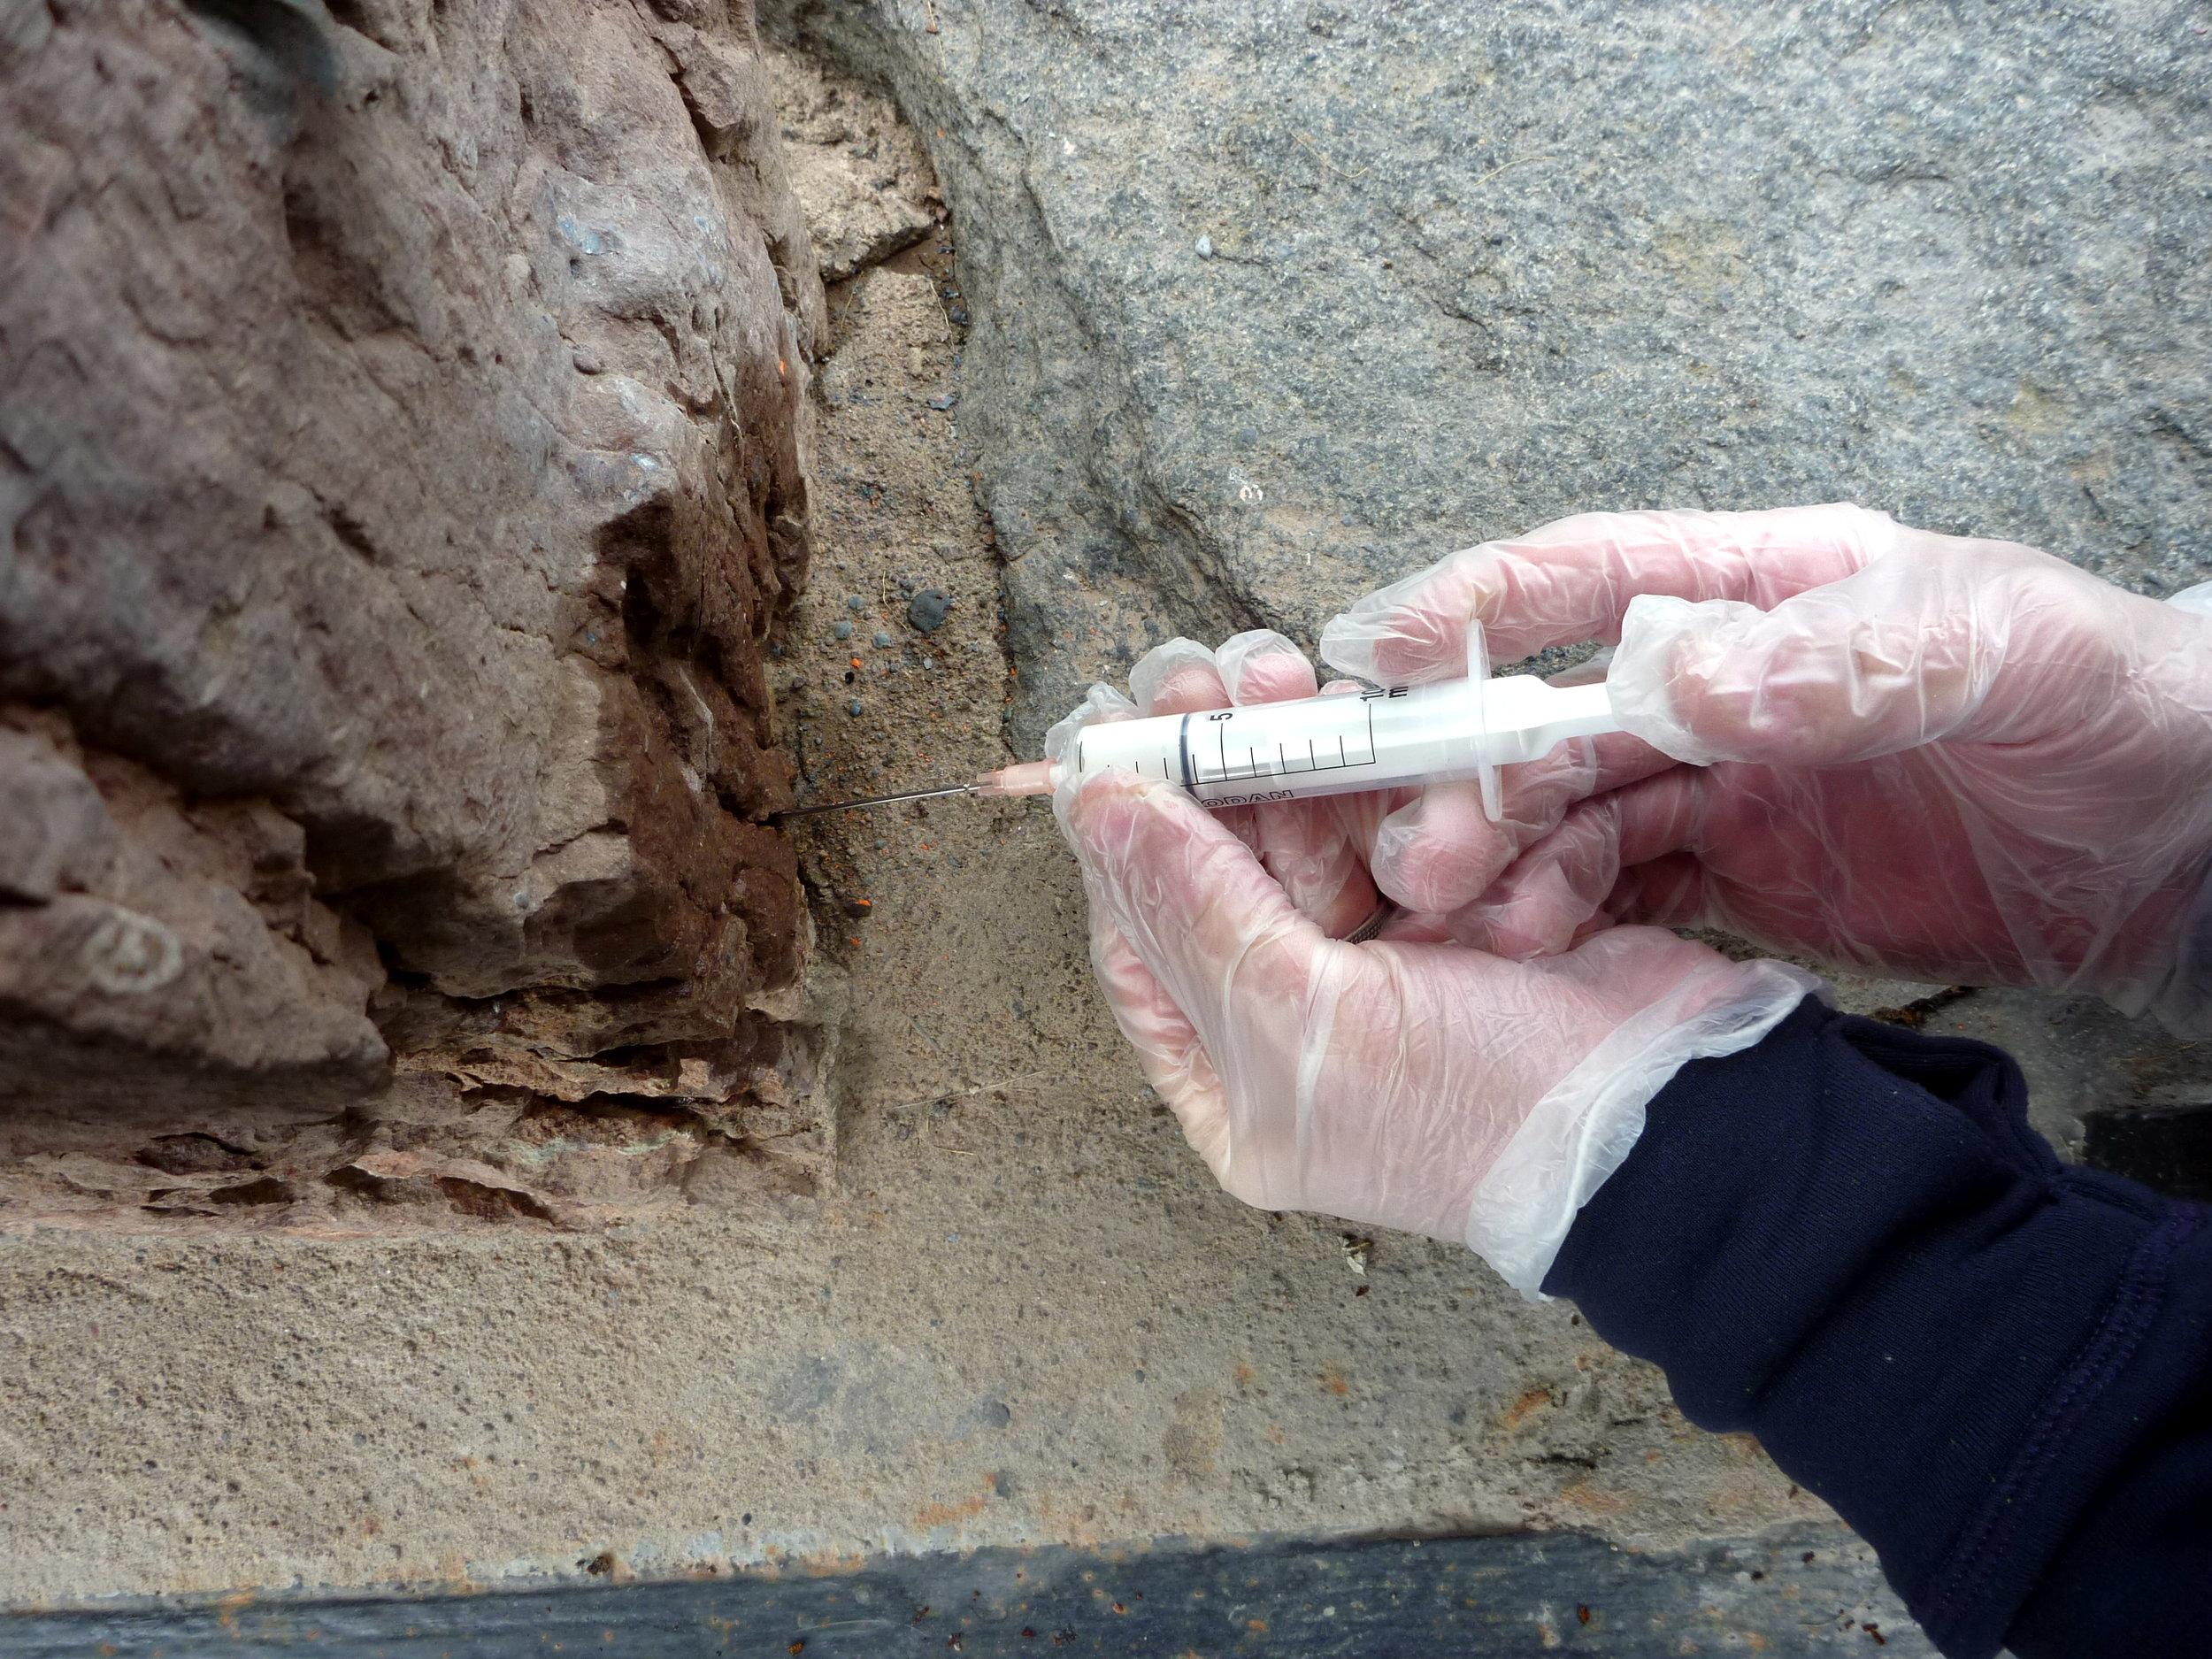 Injektionsbruk användes i djupa sprickor